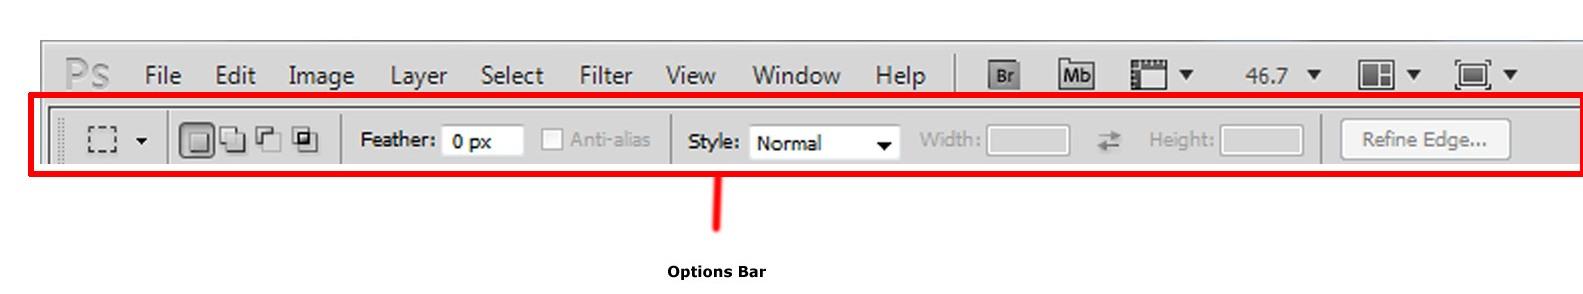 Options-bar